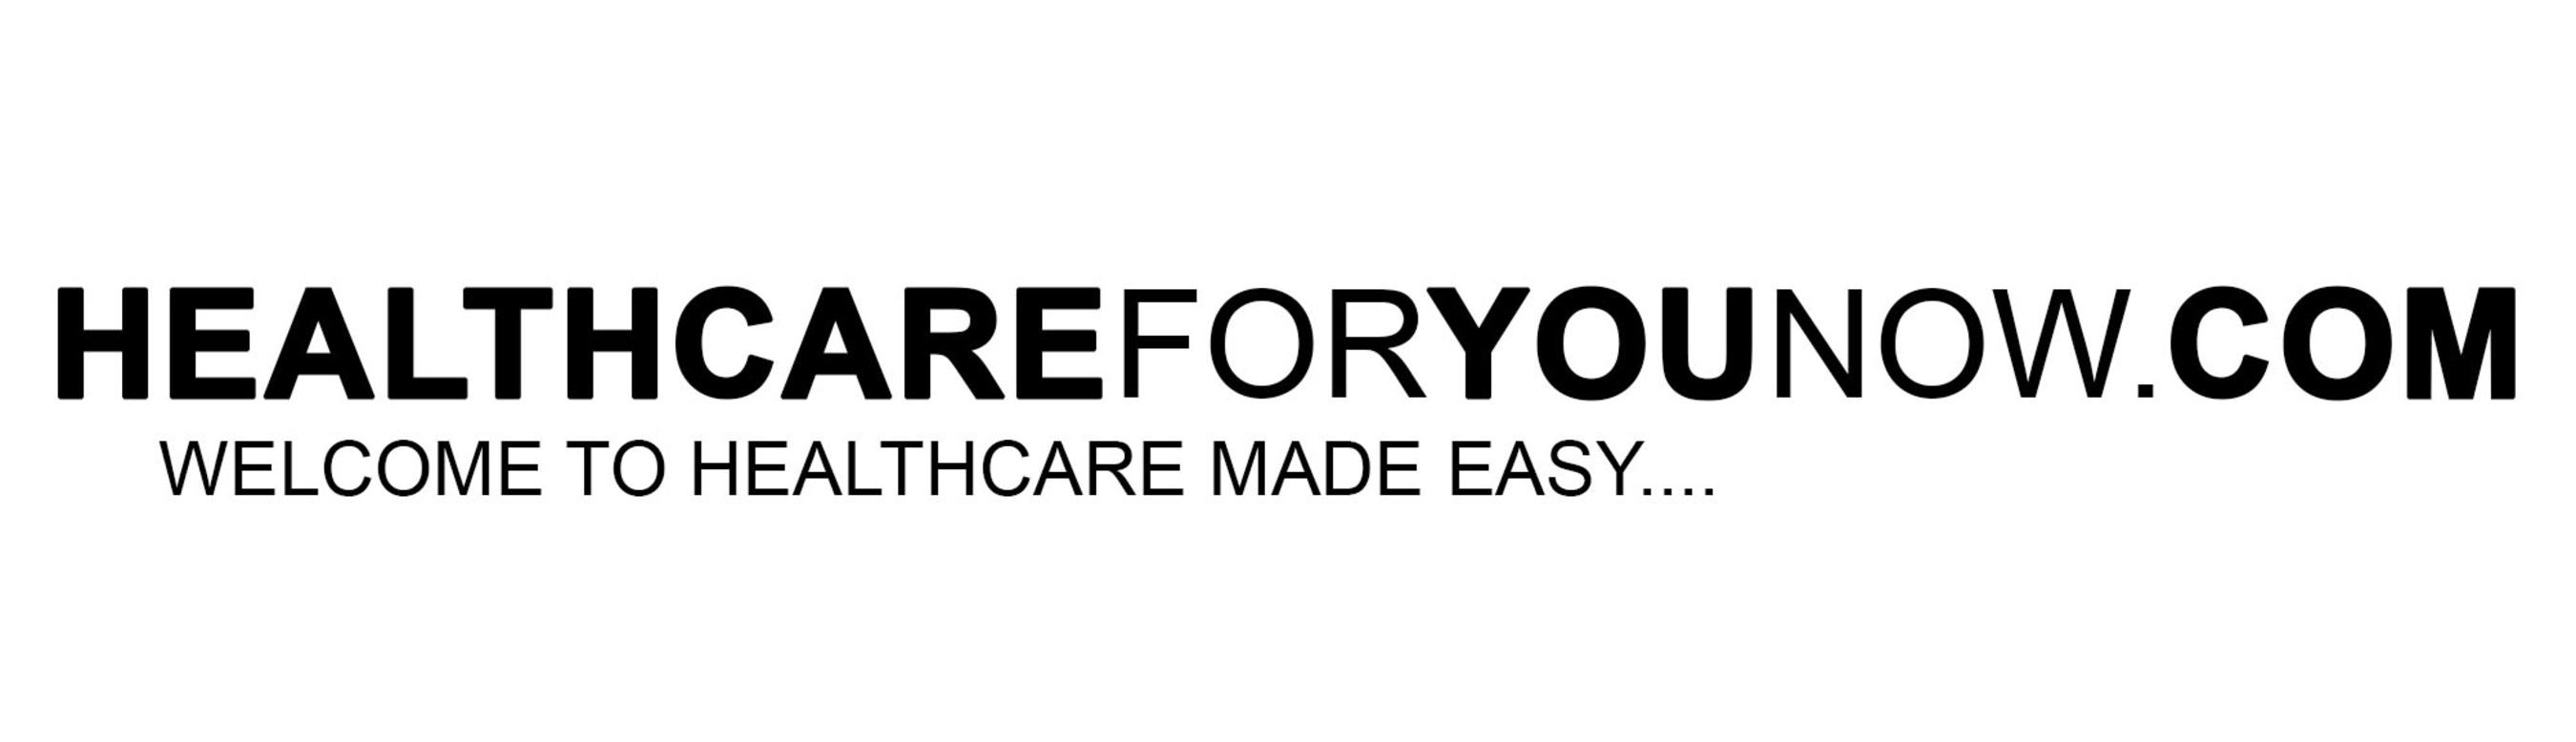 HealthCareForYouNow.com logo